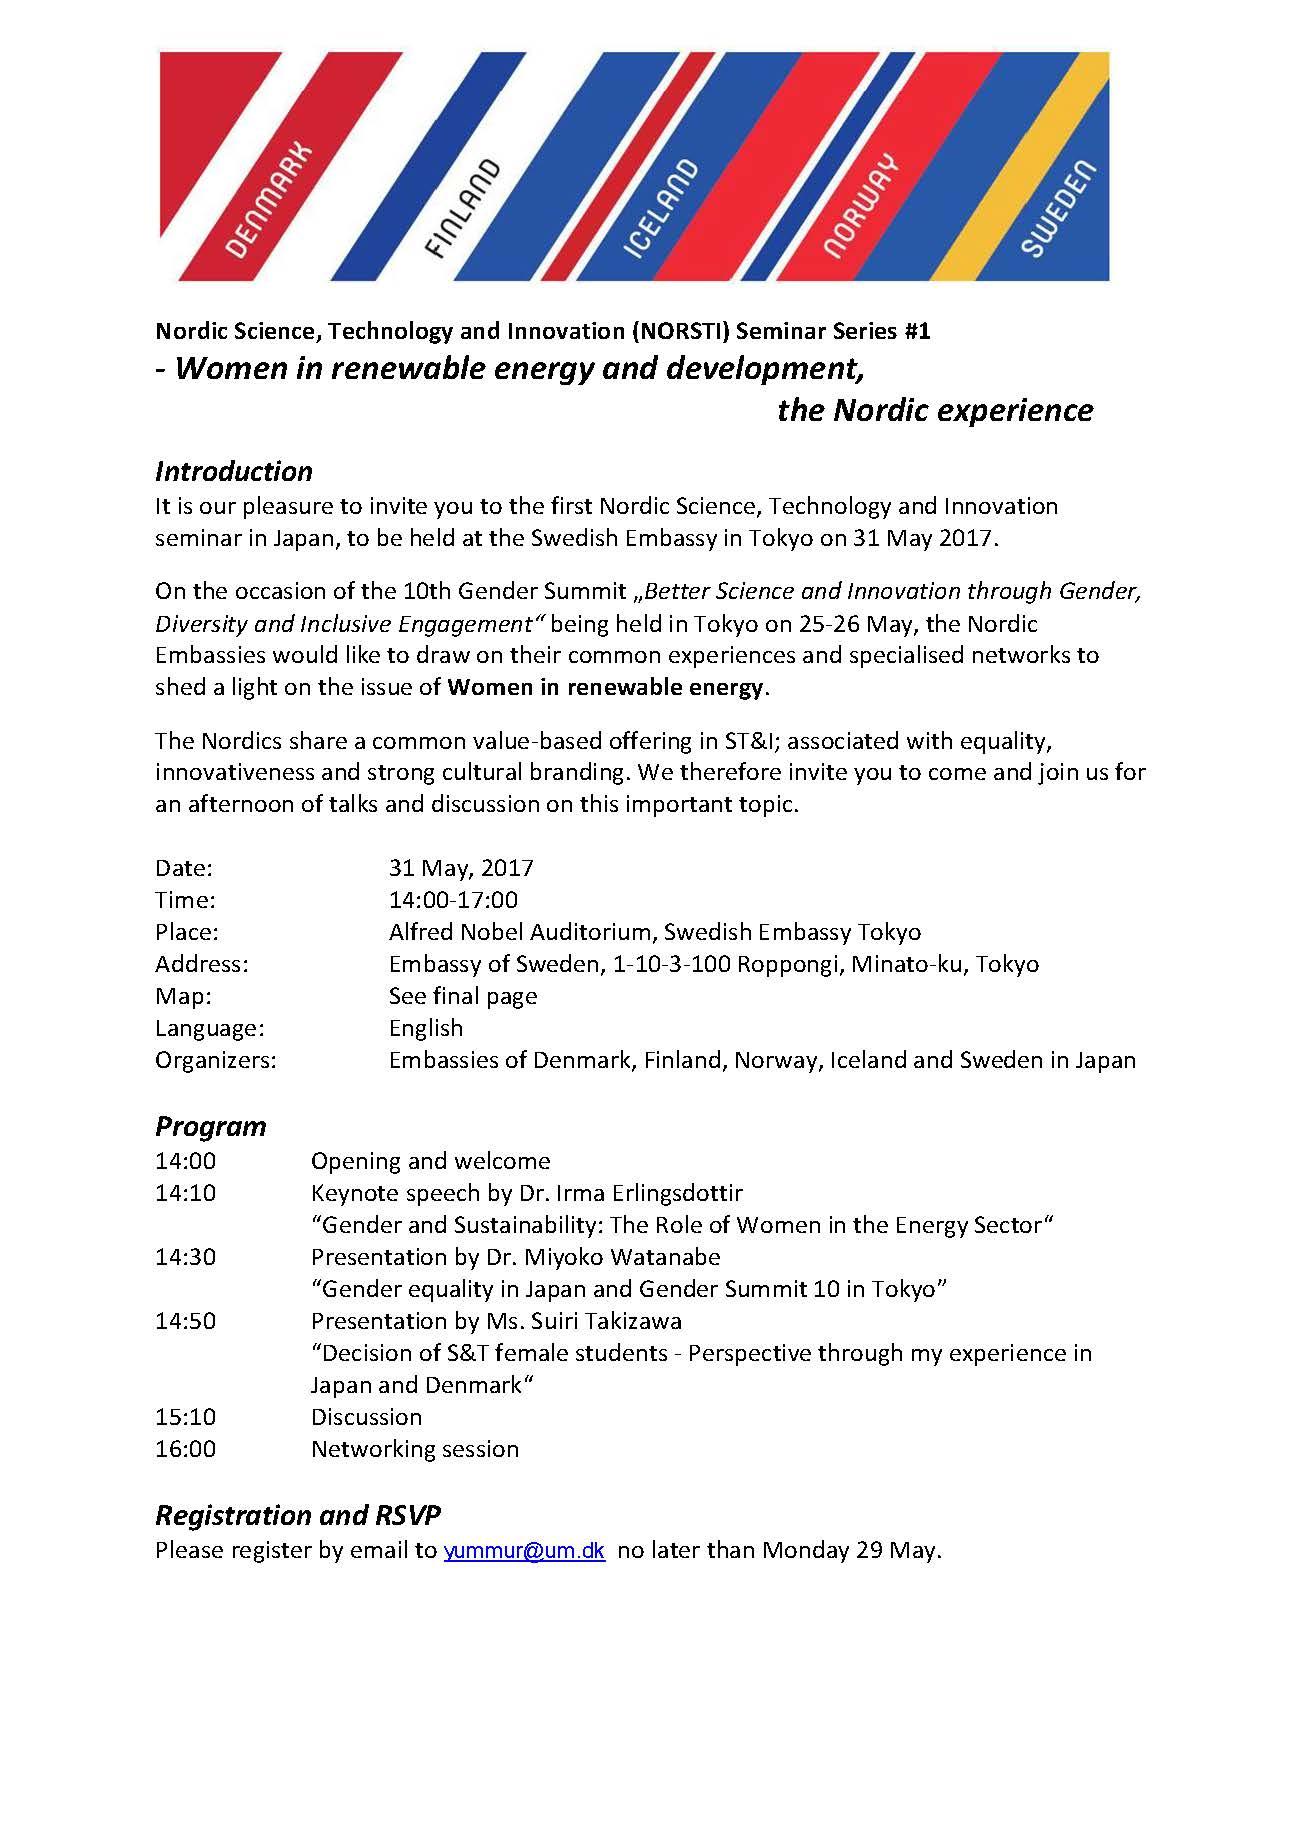 ご案内 イベント women in science 北欧5カ国の取り組み 2017 5 31